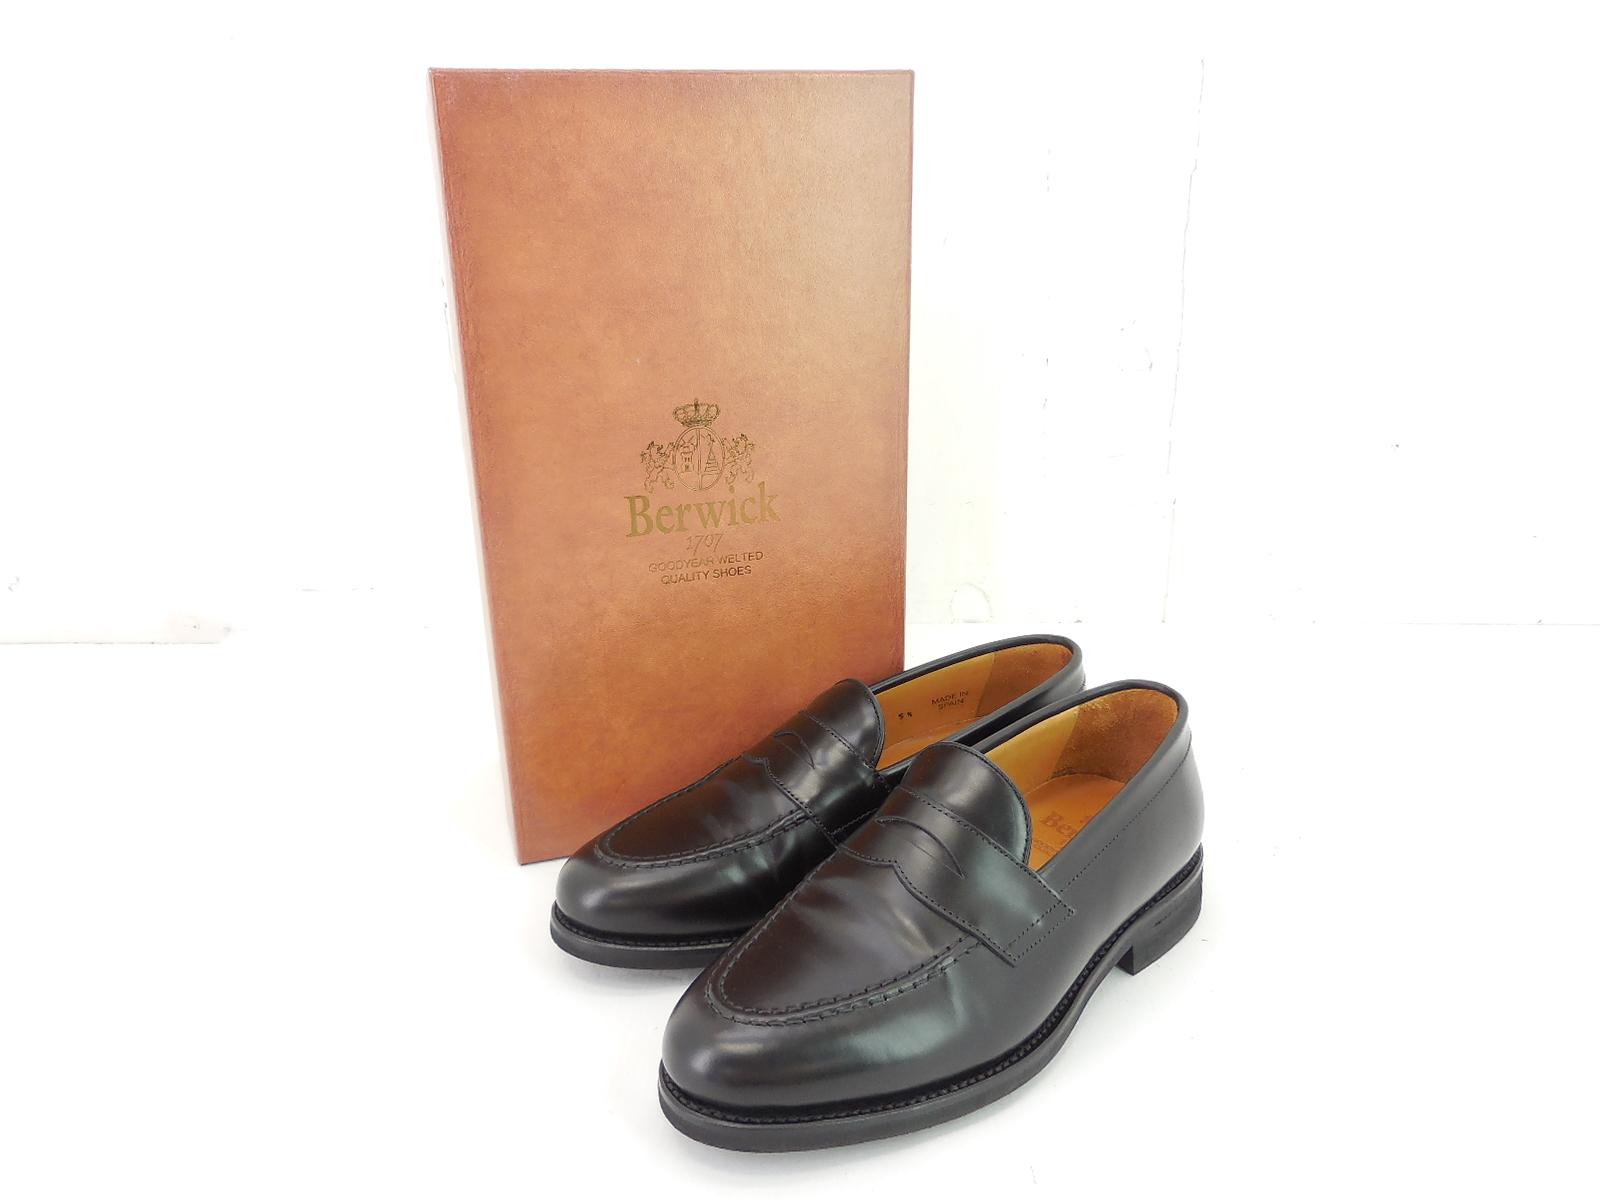 BERWICK 9628 ROIS NEGRO LEATHER LOAFER size:51/2 バーウィック レザー ローファー 靴 シューズ ブラック ビブラムソール